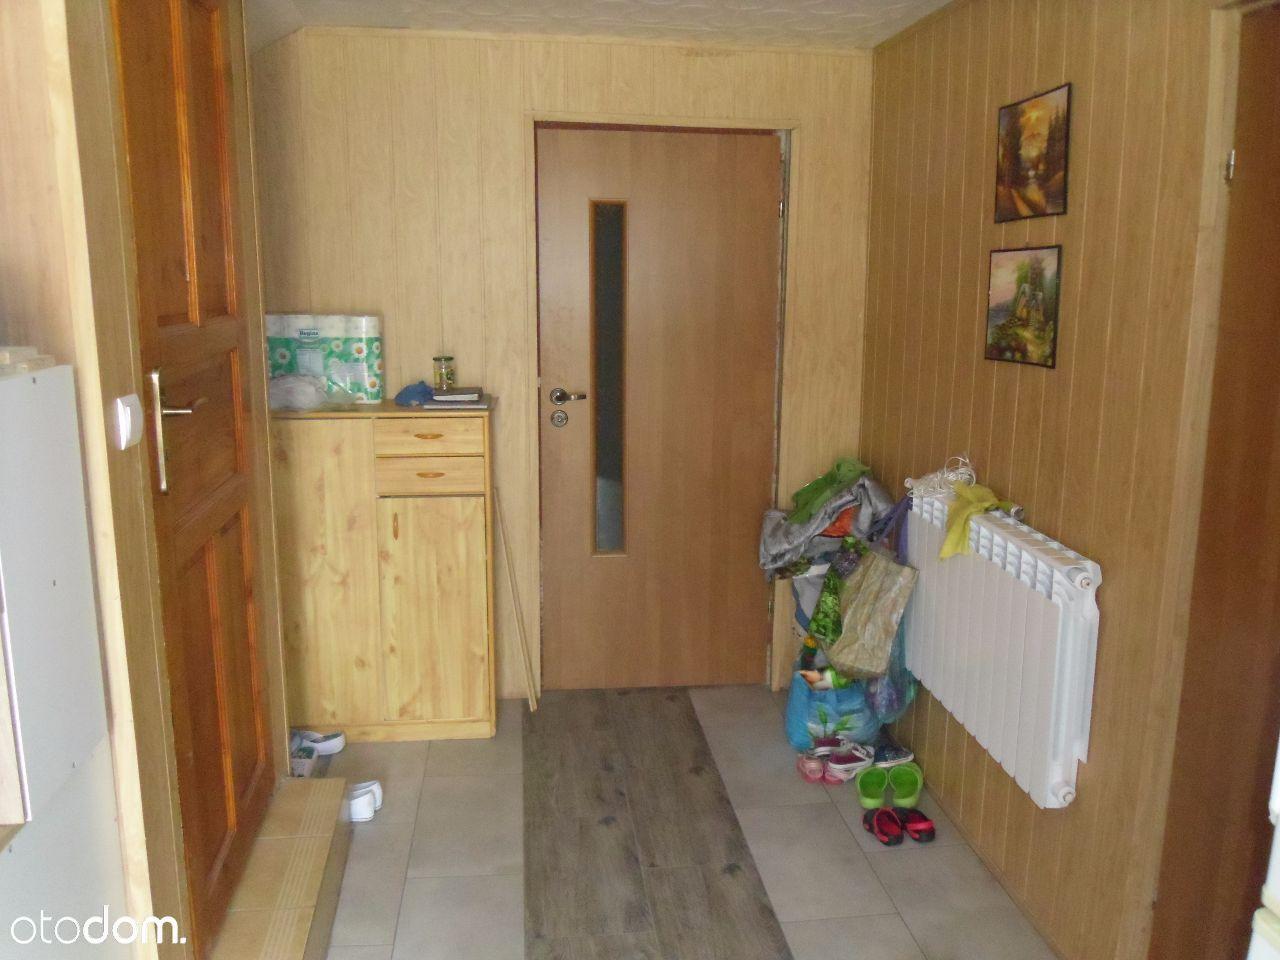 Dom na sprzedaż, Pełczyska, pińczowski, świętokrzyskie - Foto 6